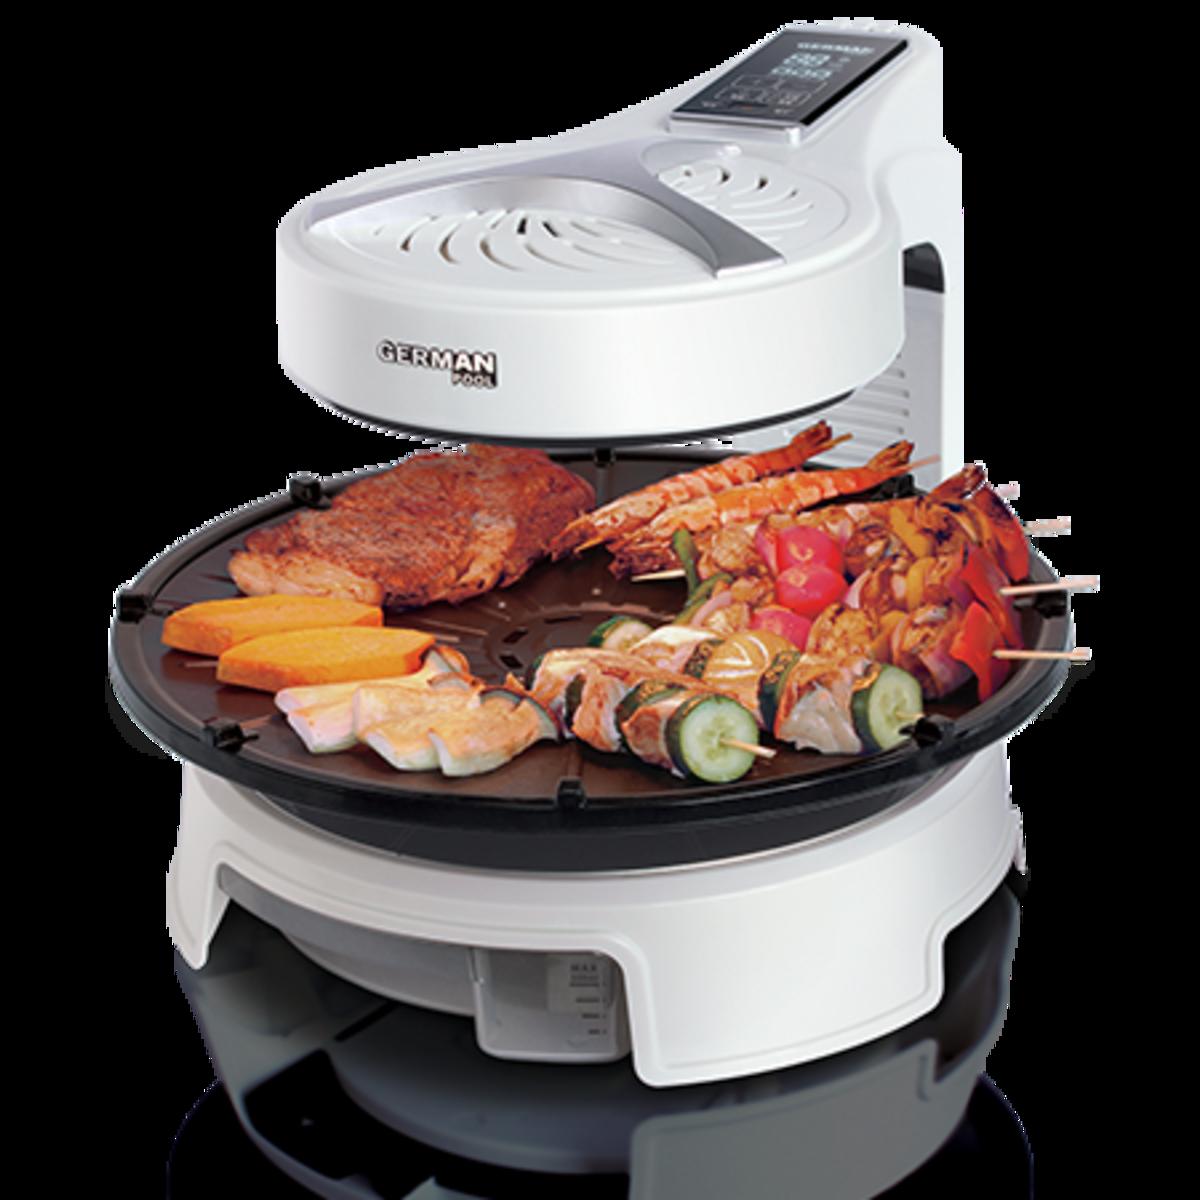 德國寶 韓式光波燒烤爐 KQB315WT